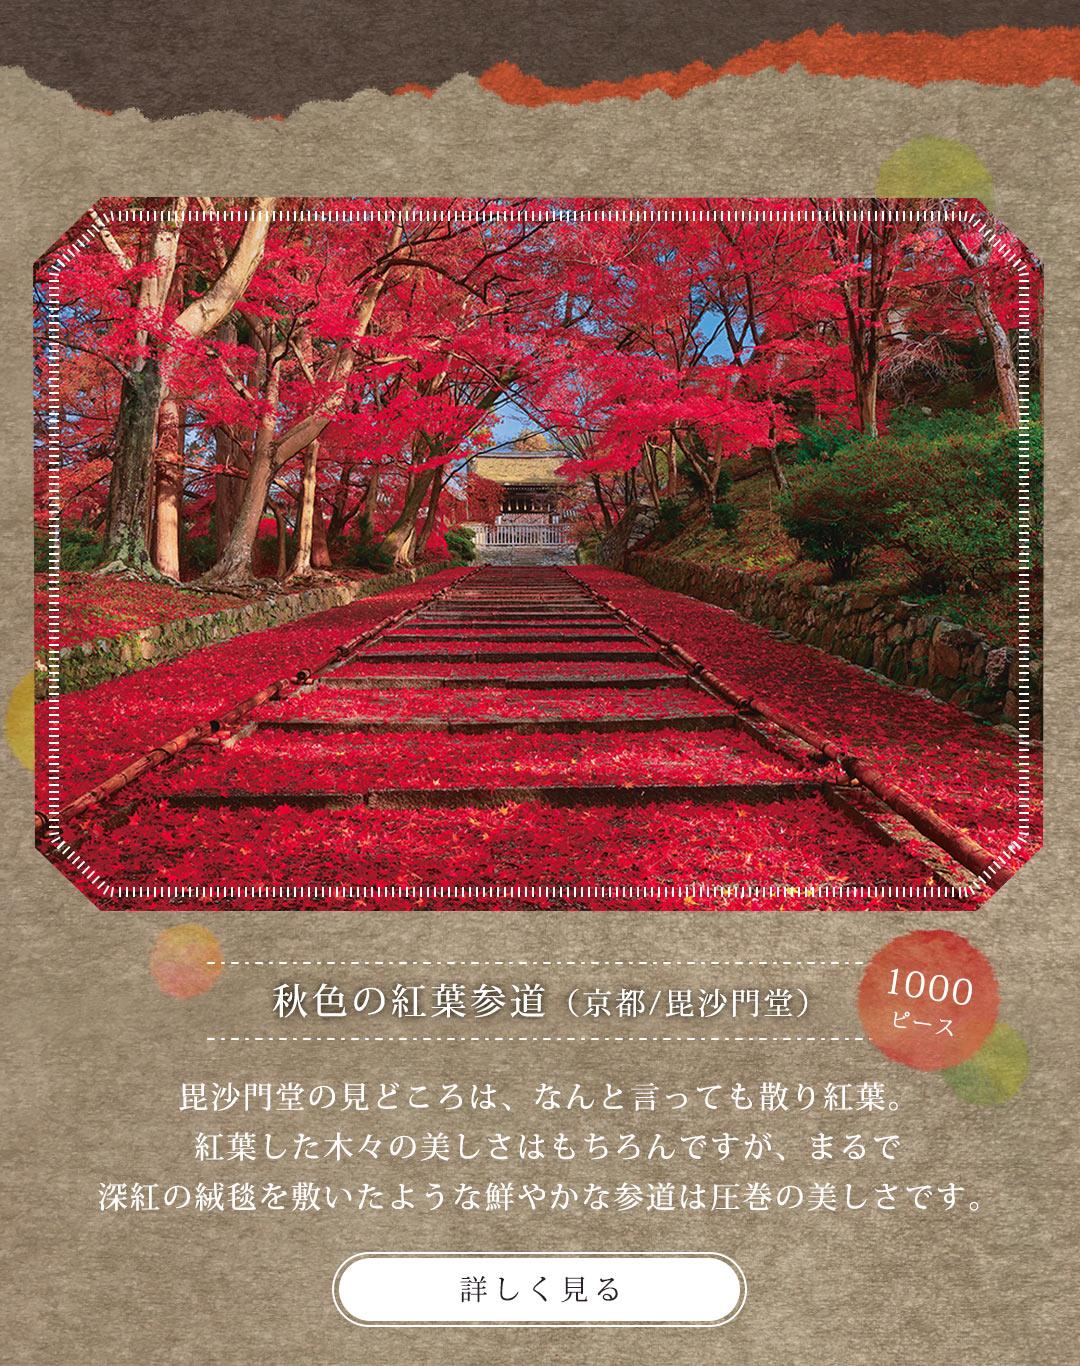 風景 秋色の紅葉参道(京都) 1000ピース